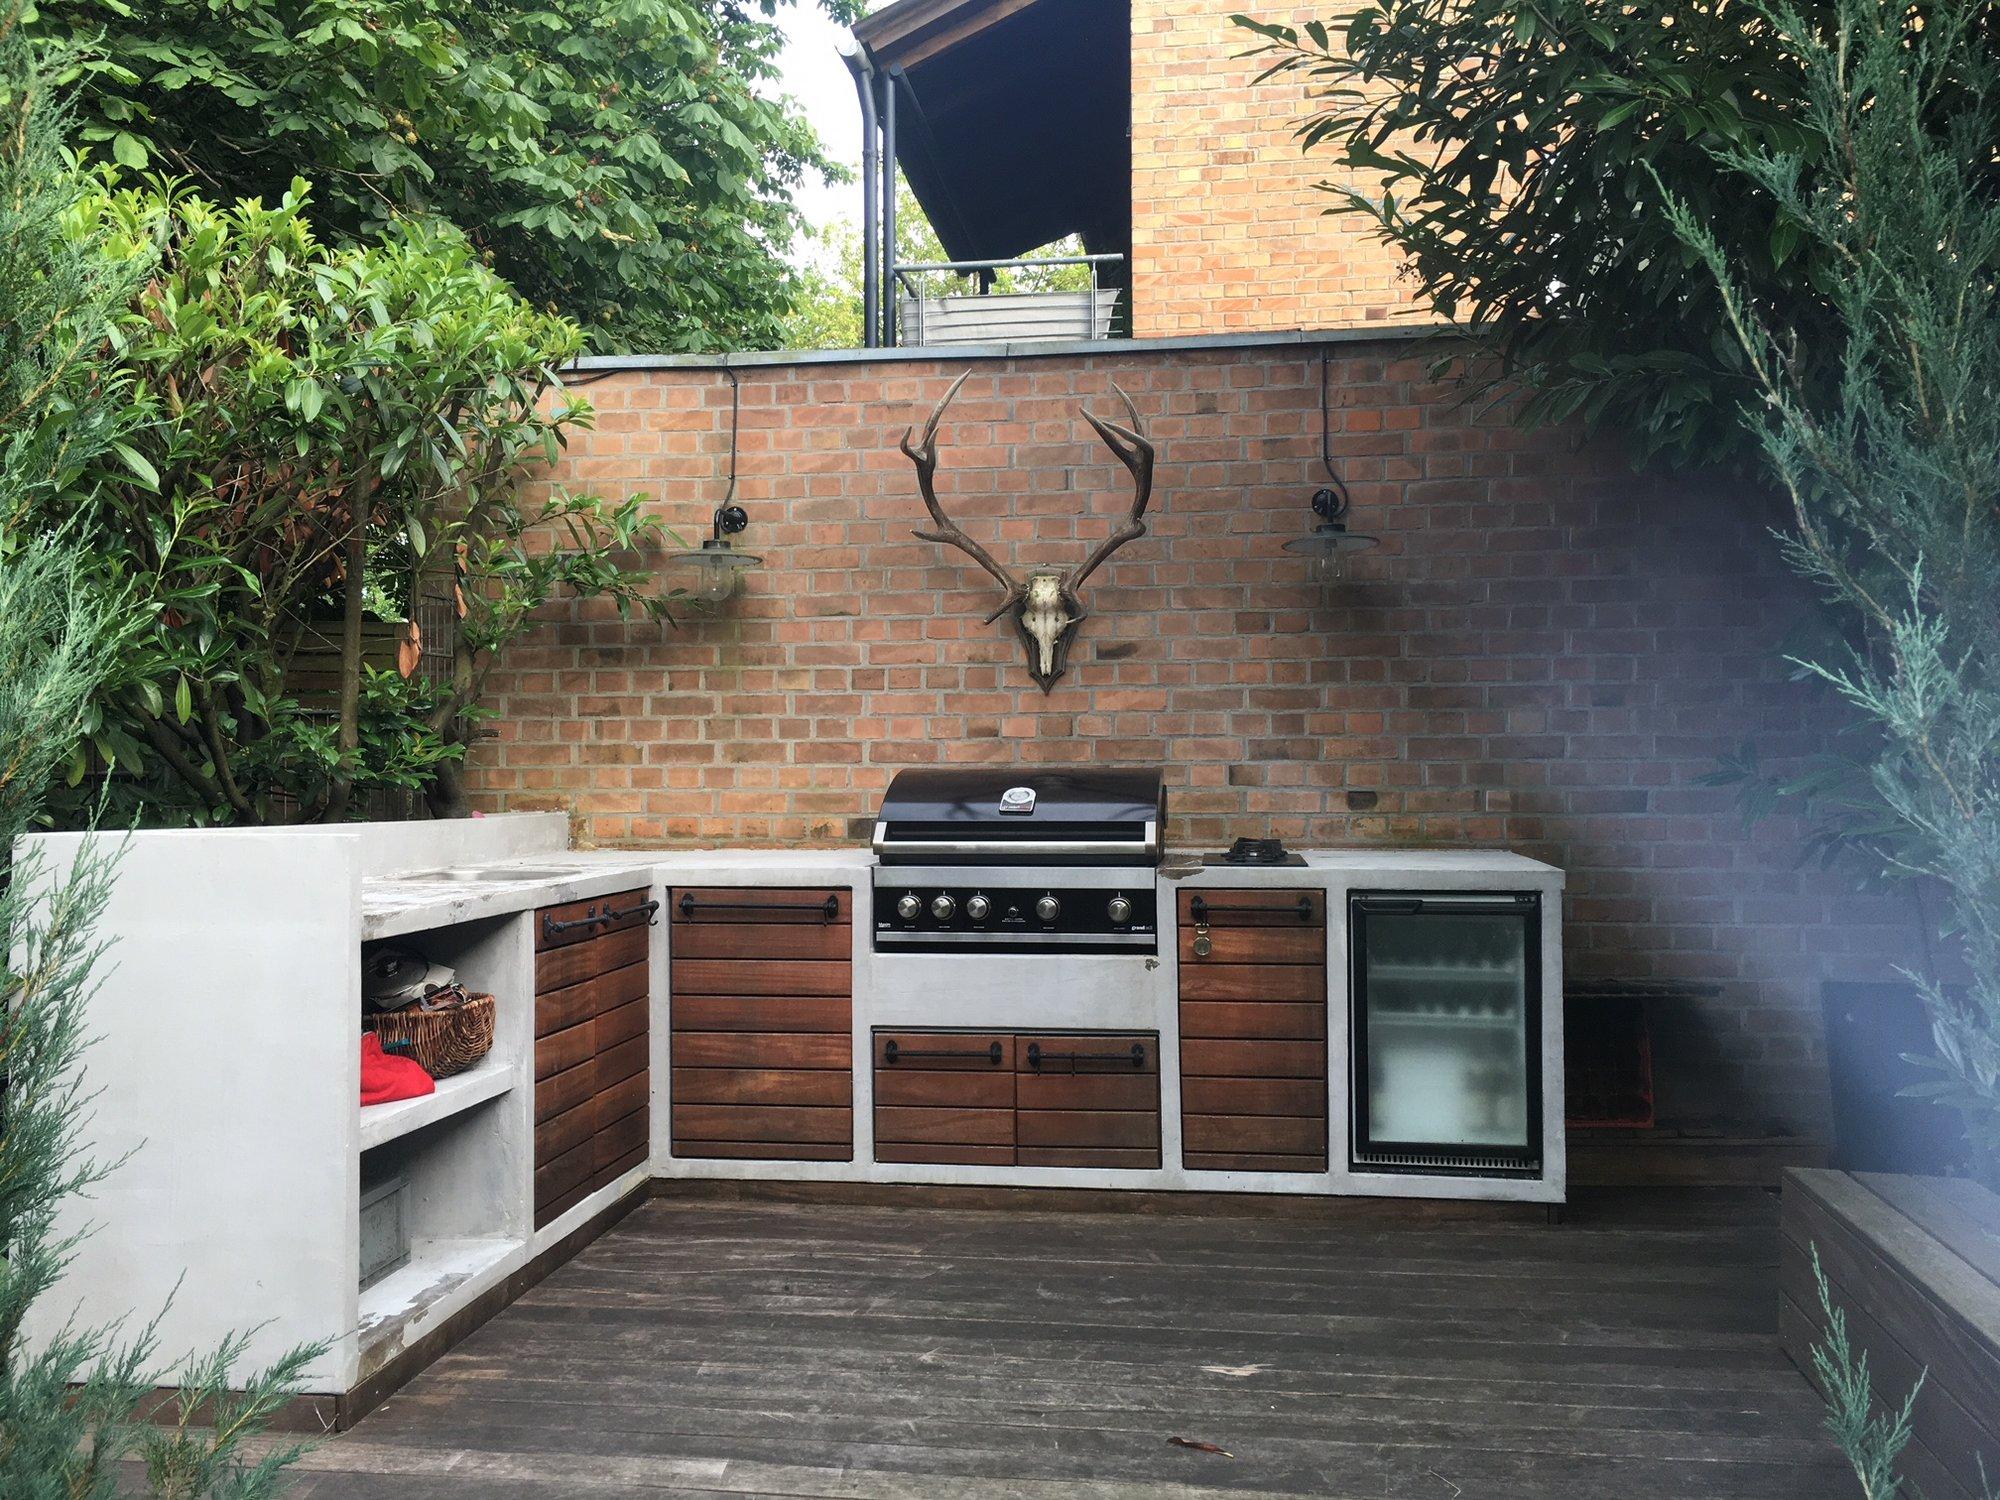 Außenküche Mit überdachung : Sanierung außenküche grillforum und bbq grillsportverein